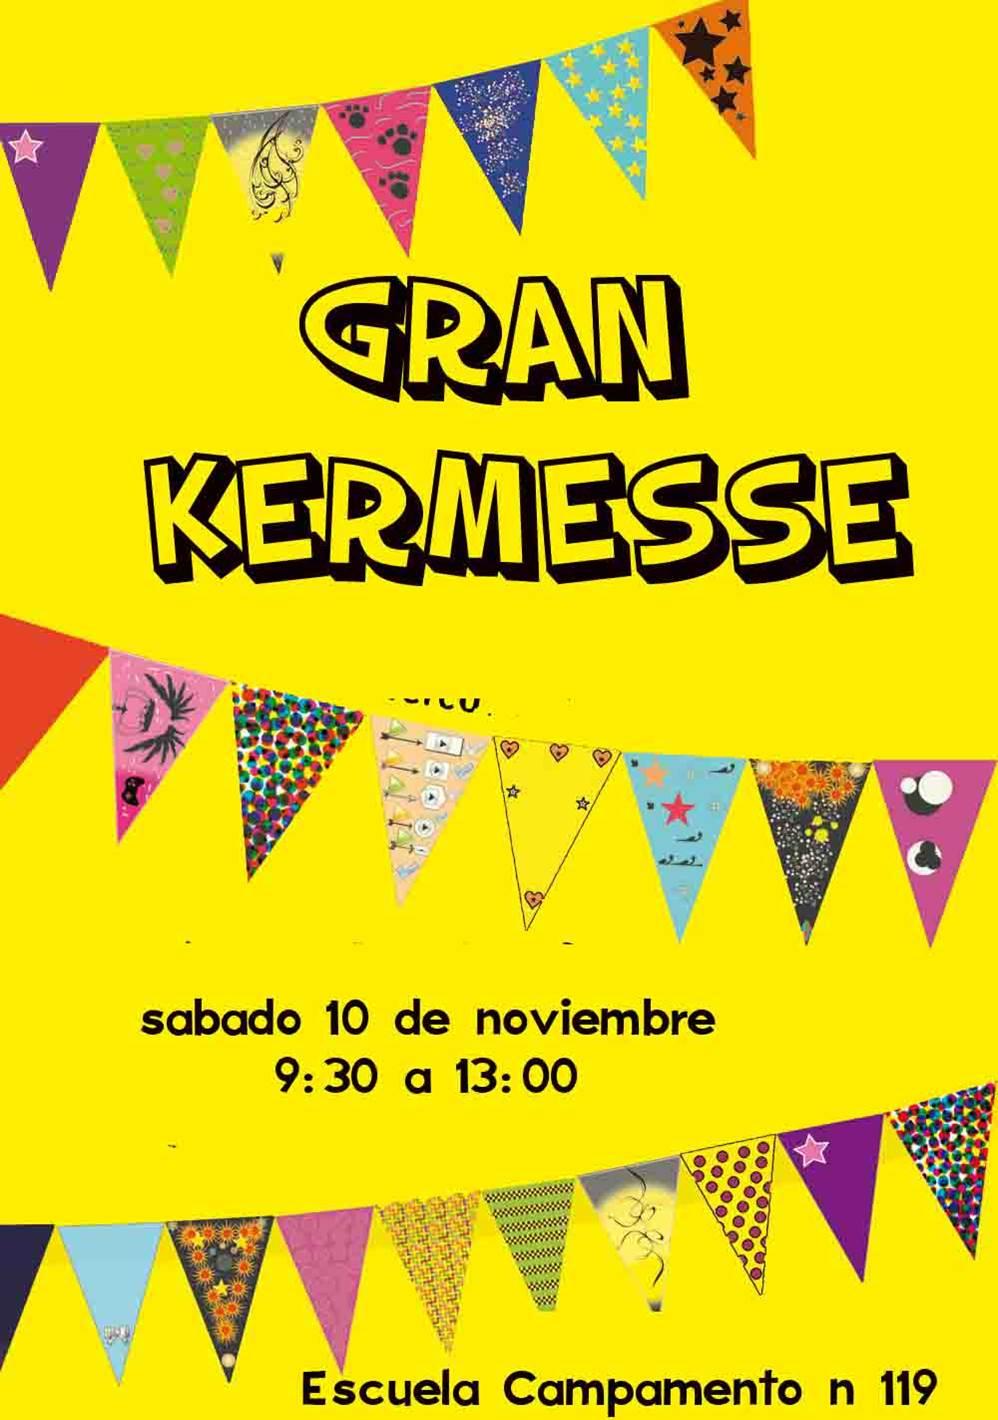 Kermesse Caif 17 Nov Blog De Vida Y Educación